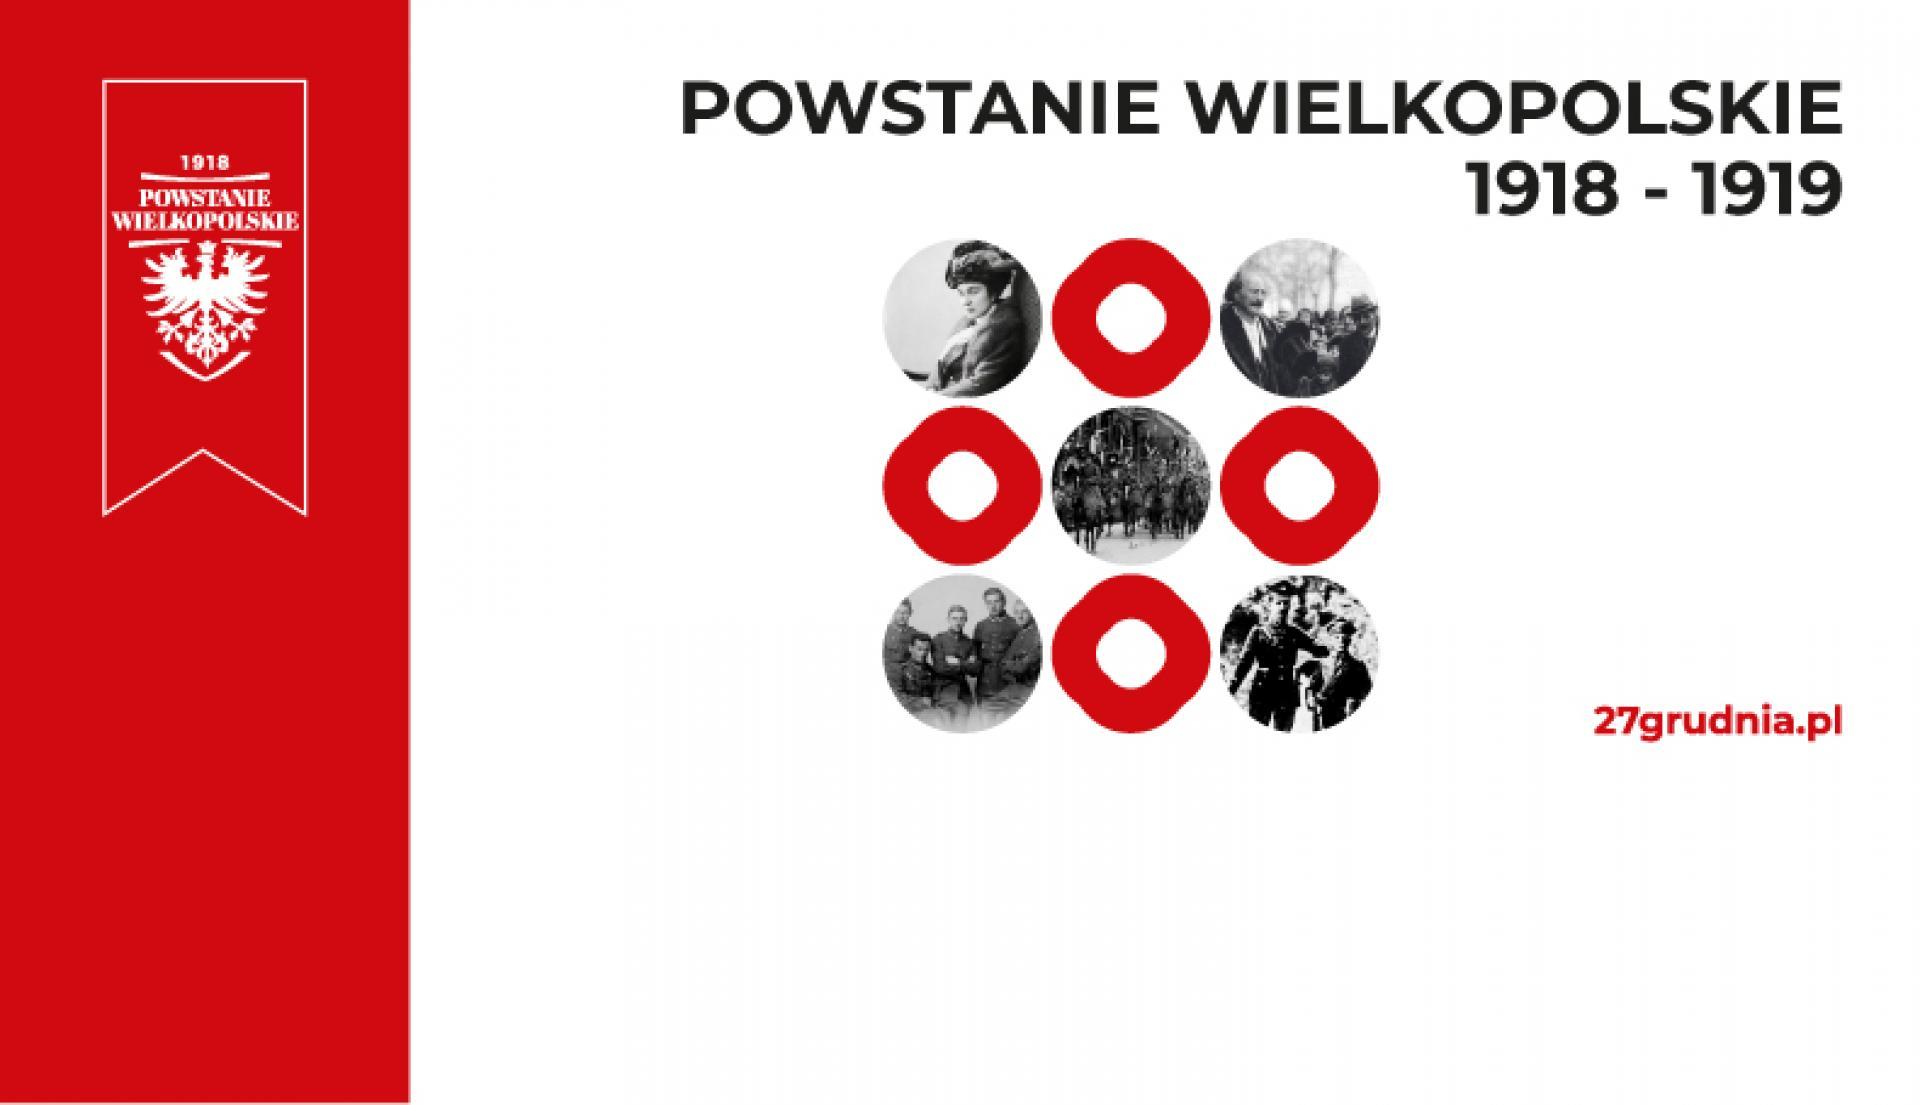 Oddajmy hołd bohaterom! – 27 grudnia od godz. 16.40 transmisja sprzed pomnika Powstańców Wielkopolskich                     - zobacz więcej